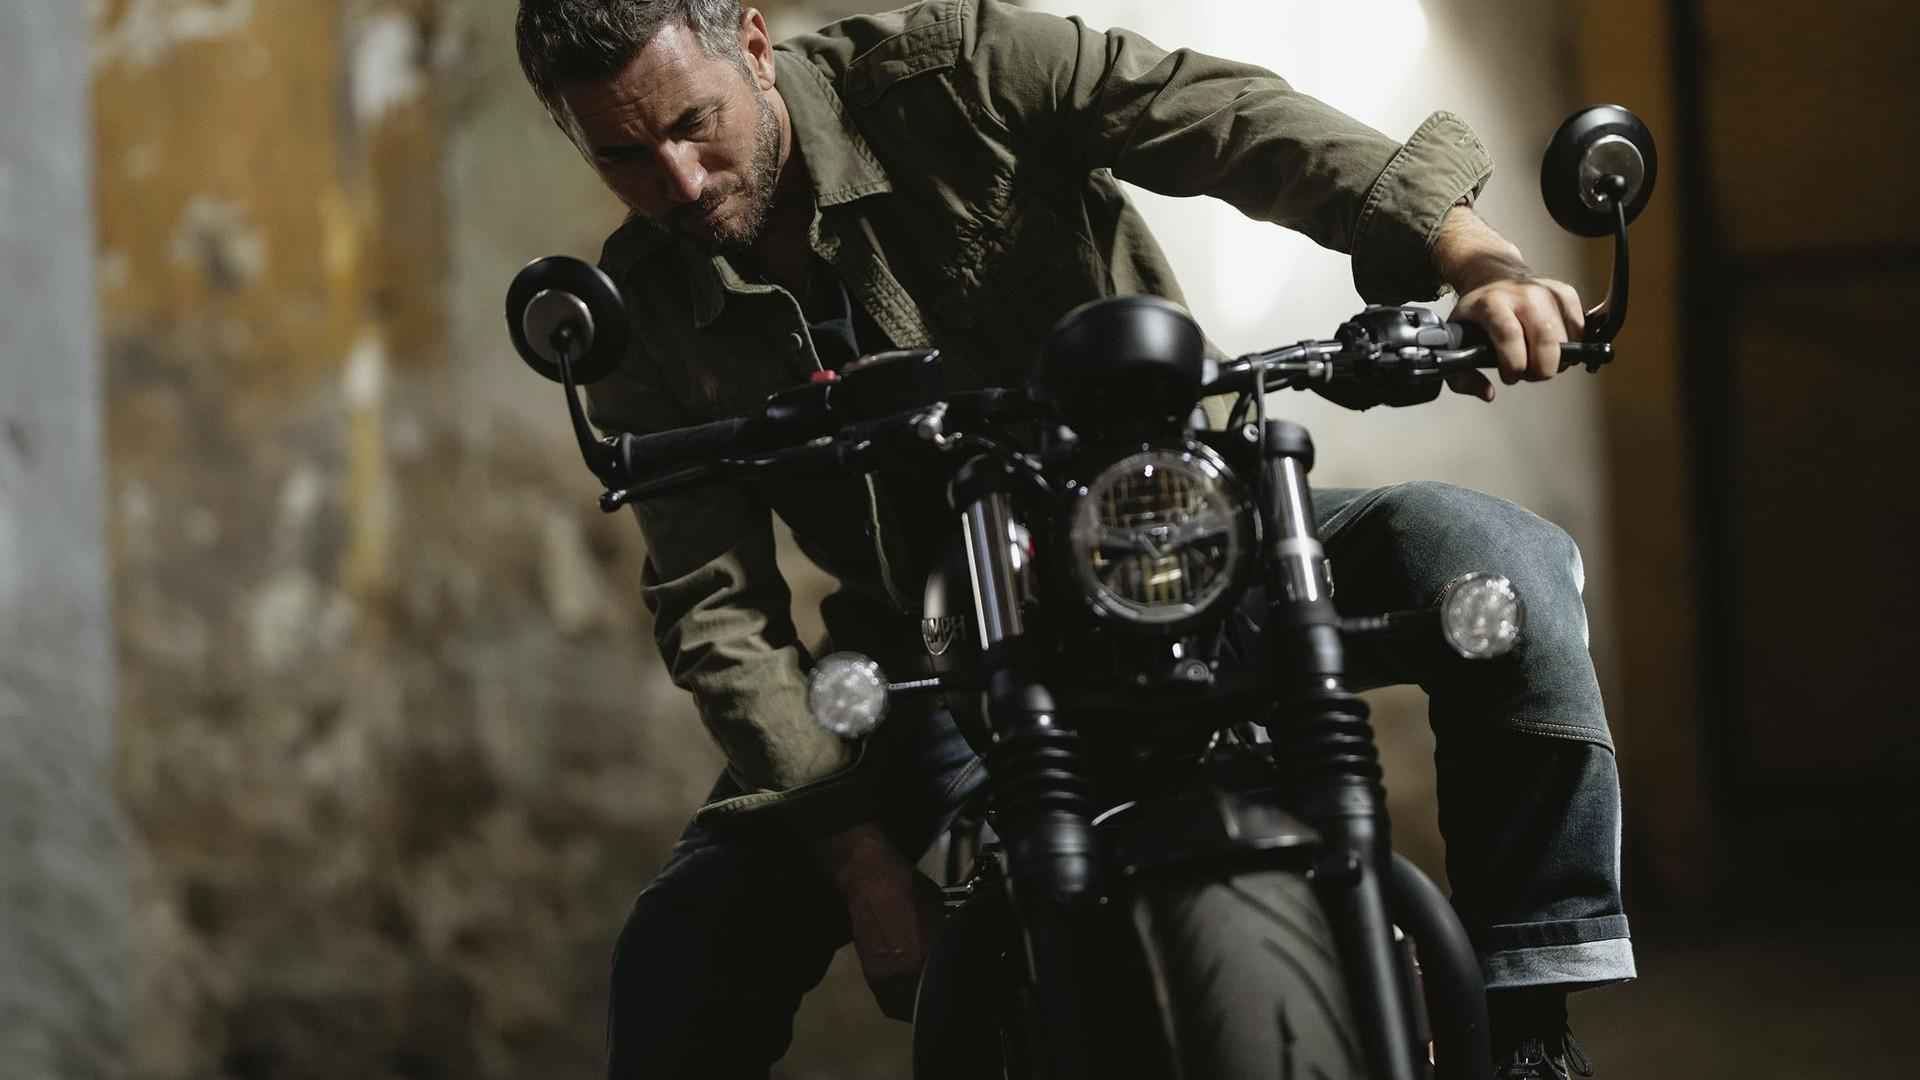 HOW TO: Motorrad gebraucht kaufen